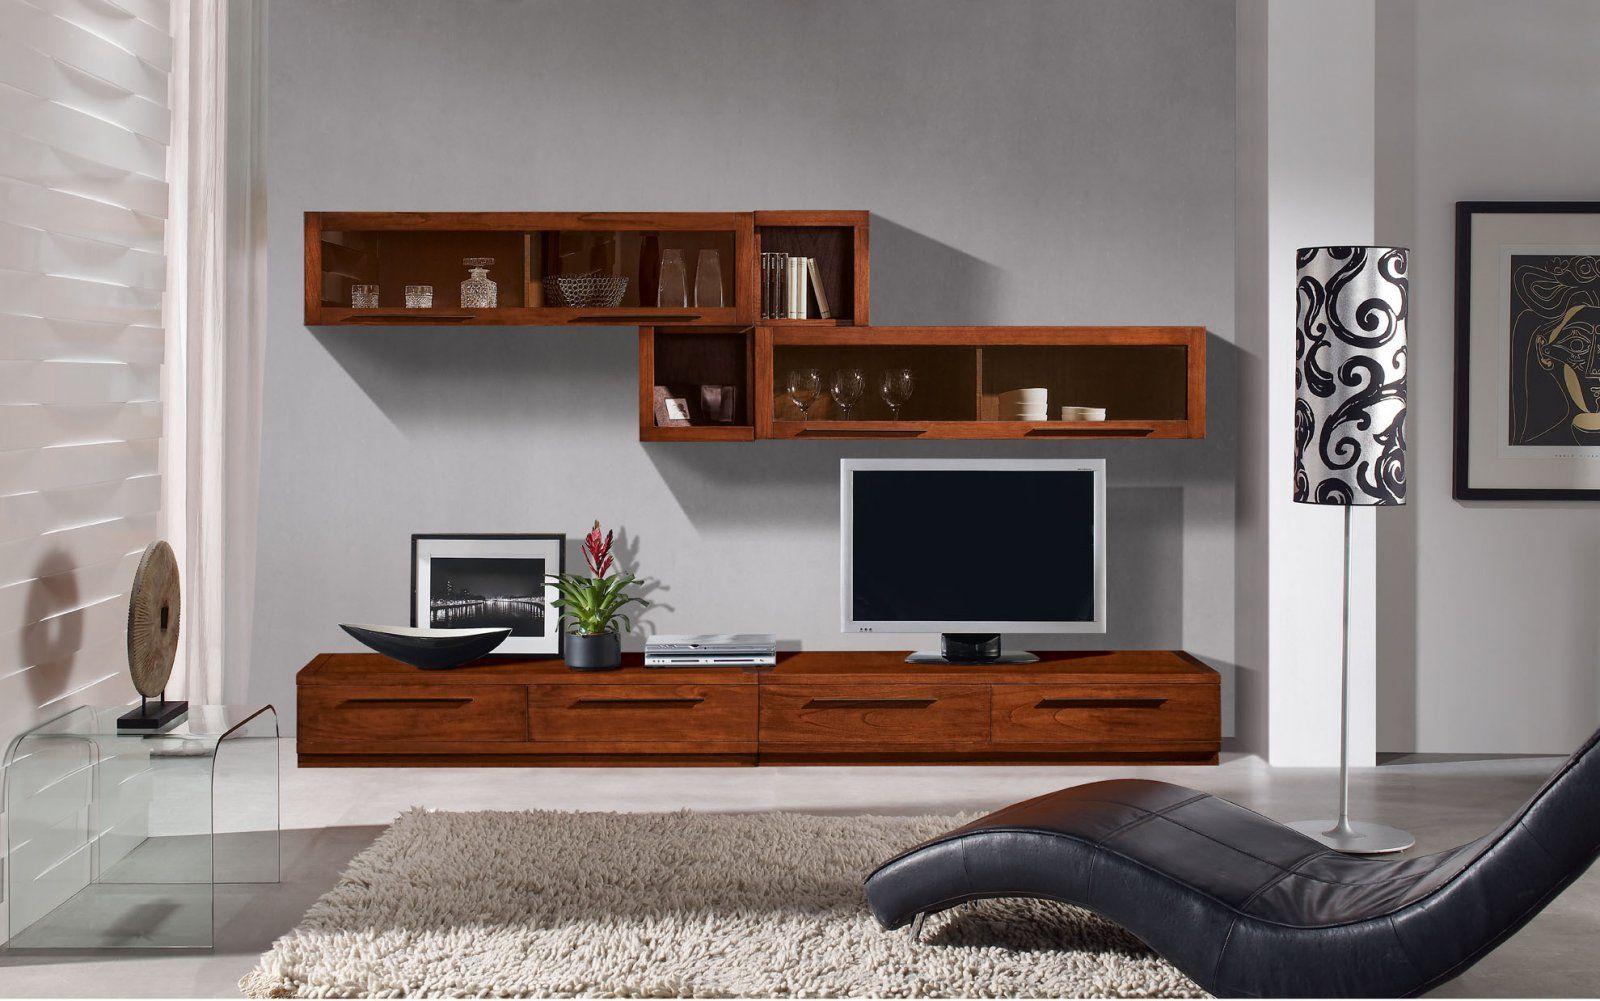 Mueble Para La Tv 07 For The Home Pinterest Tv Muebles  # Muebles Los Barrios